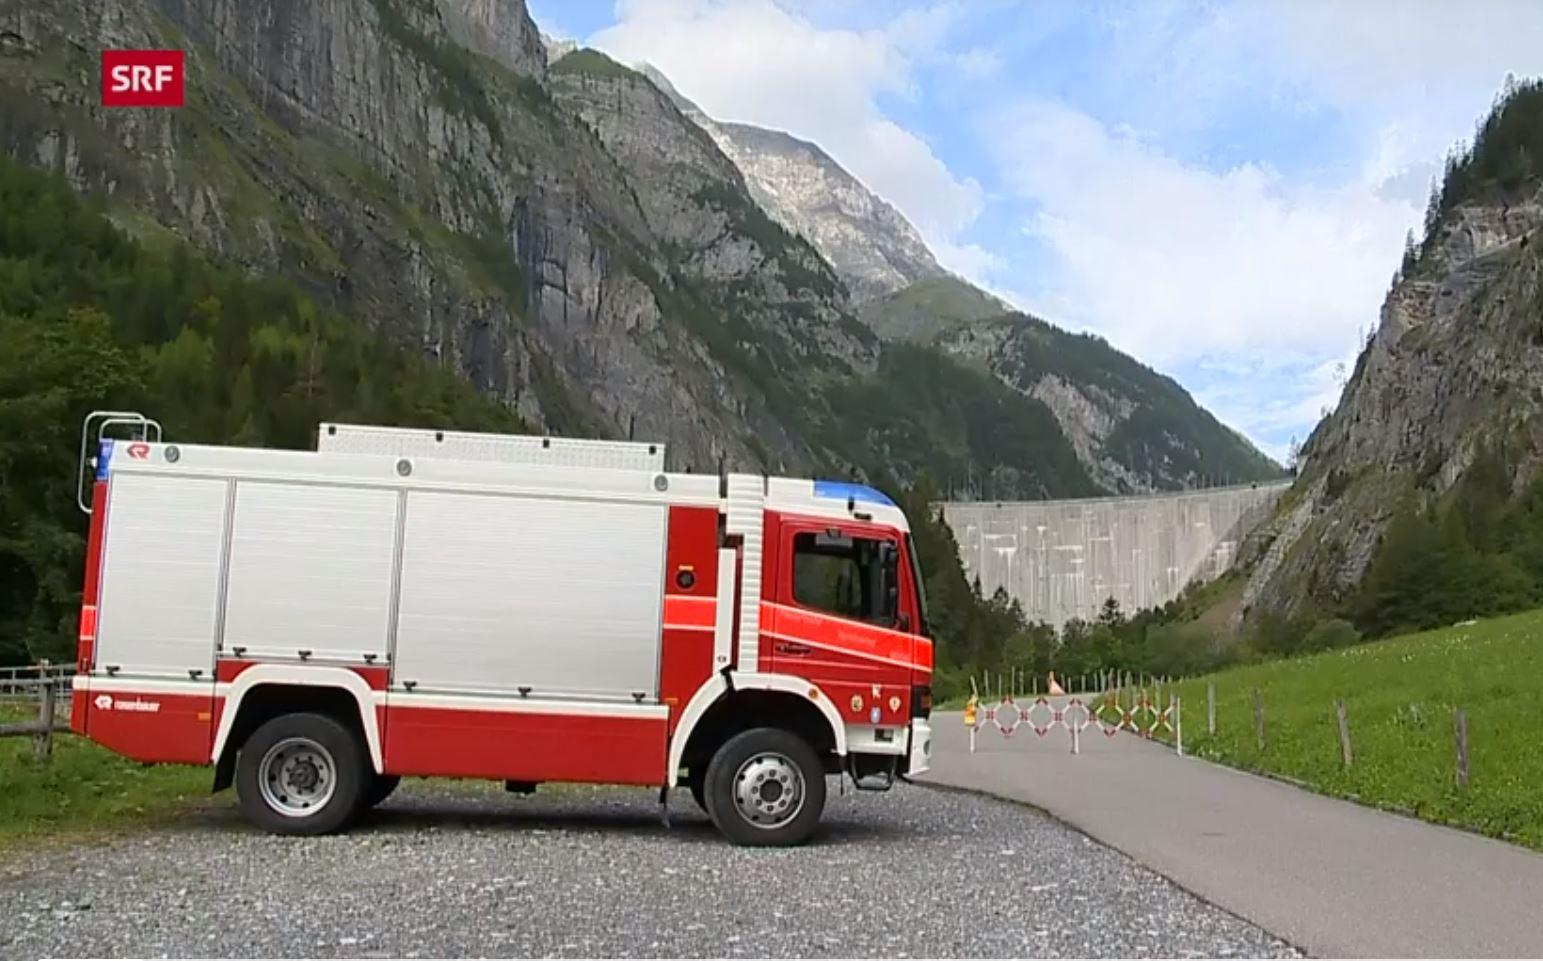 Të paktën tre veta humbin jetën në një aksident ujor në Zvicër